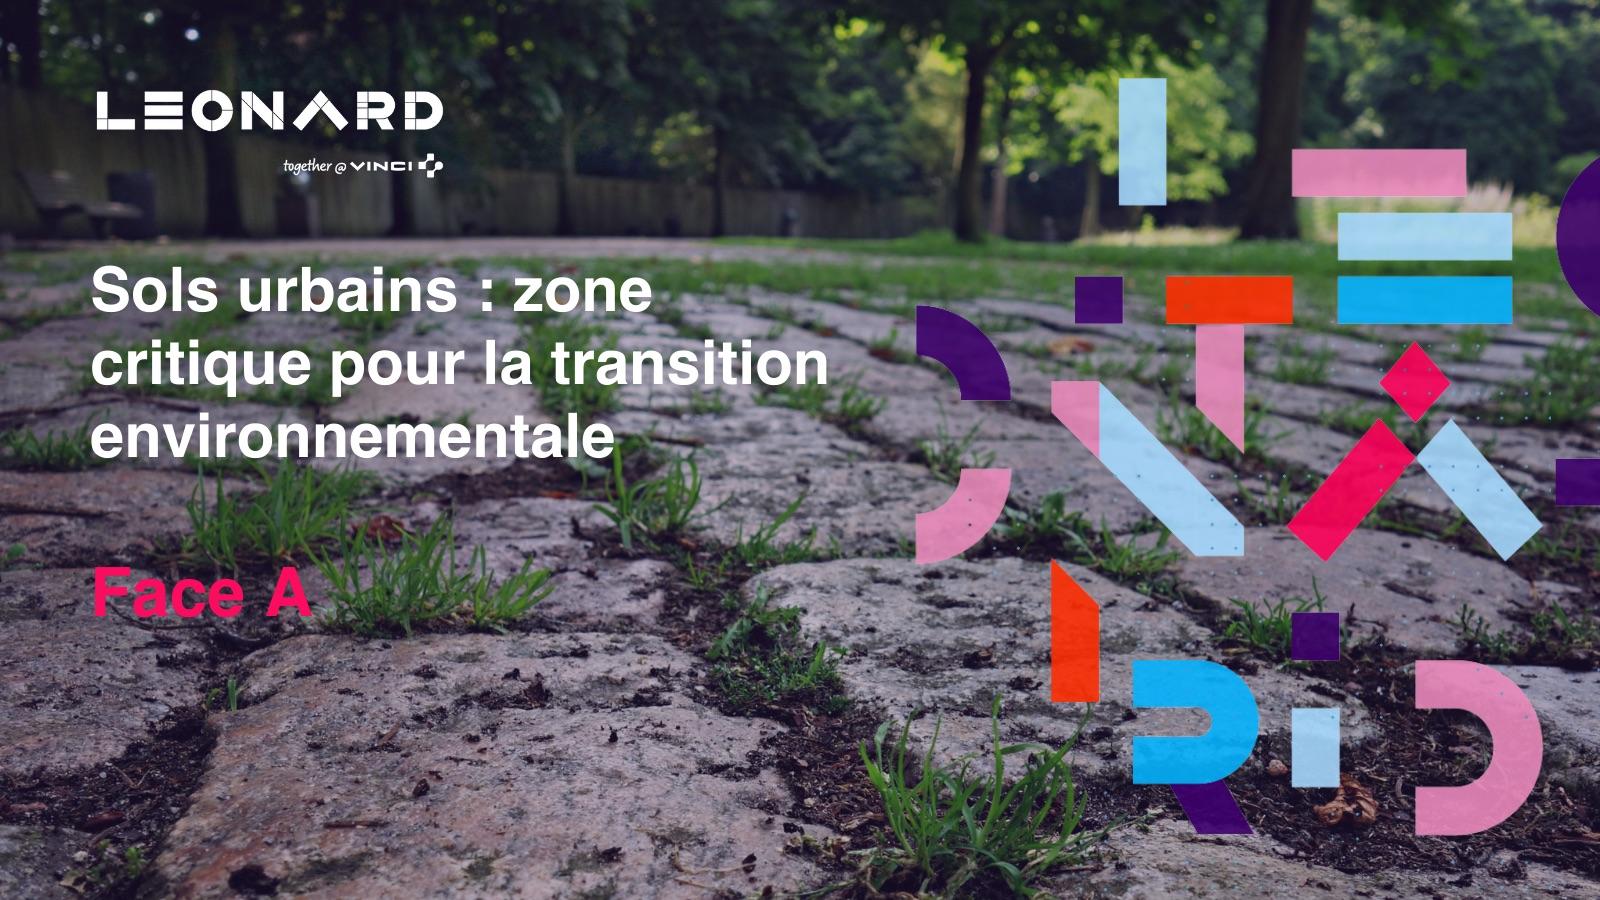 Newsletter « Sols urbains : zone critique pour la transition environnementale » – Octobre 2021